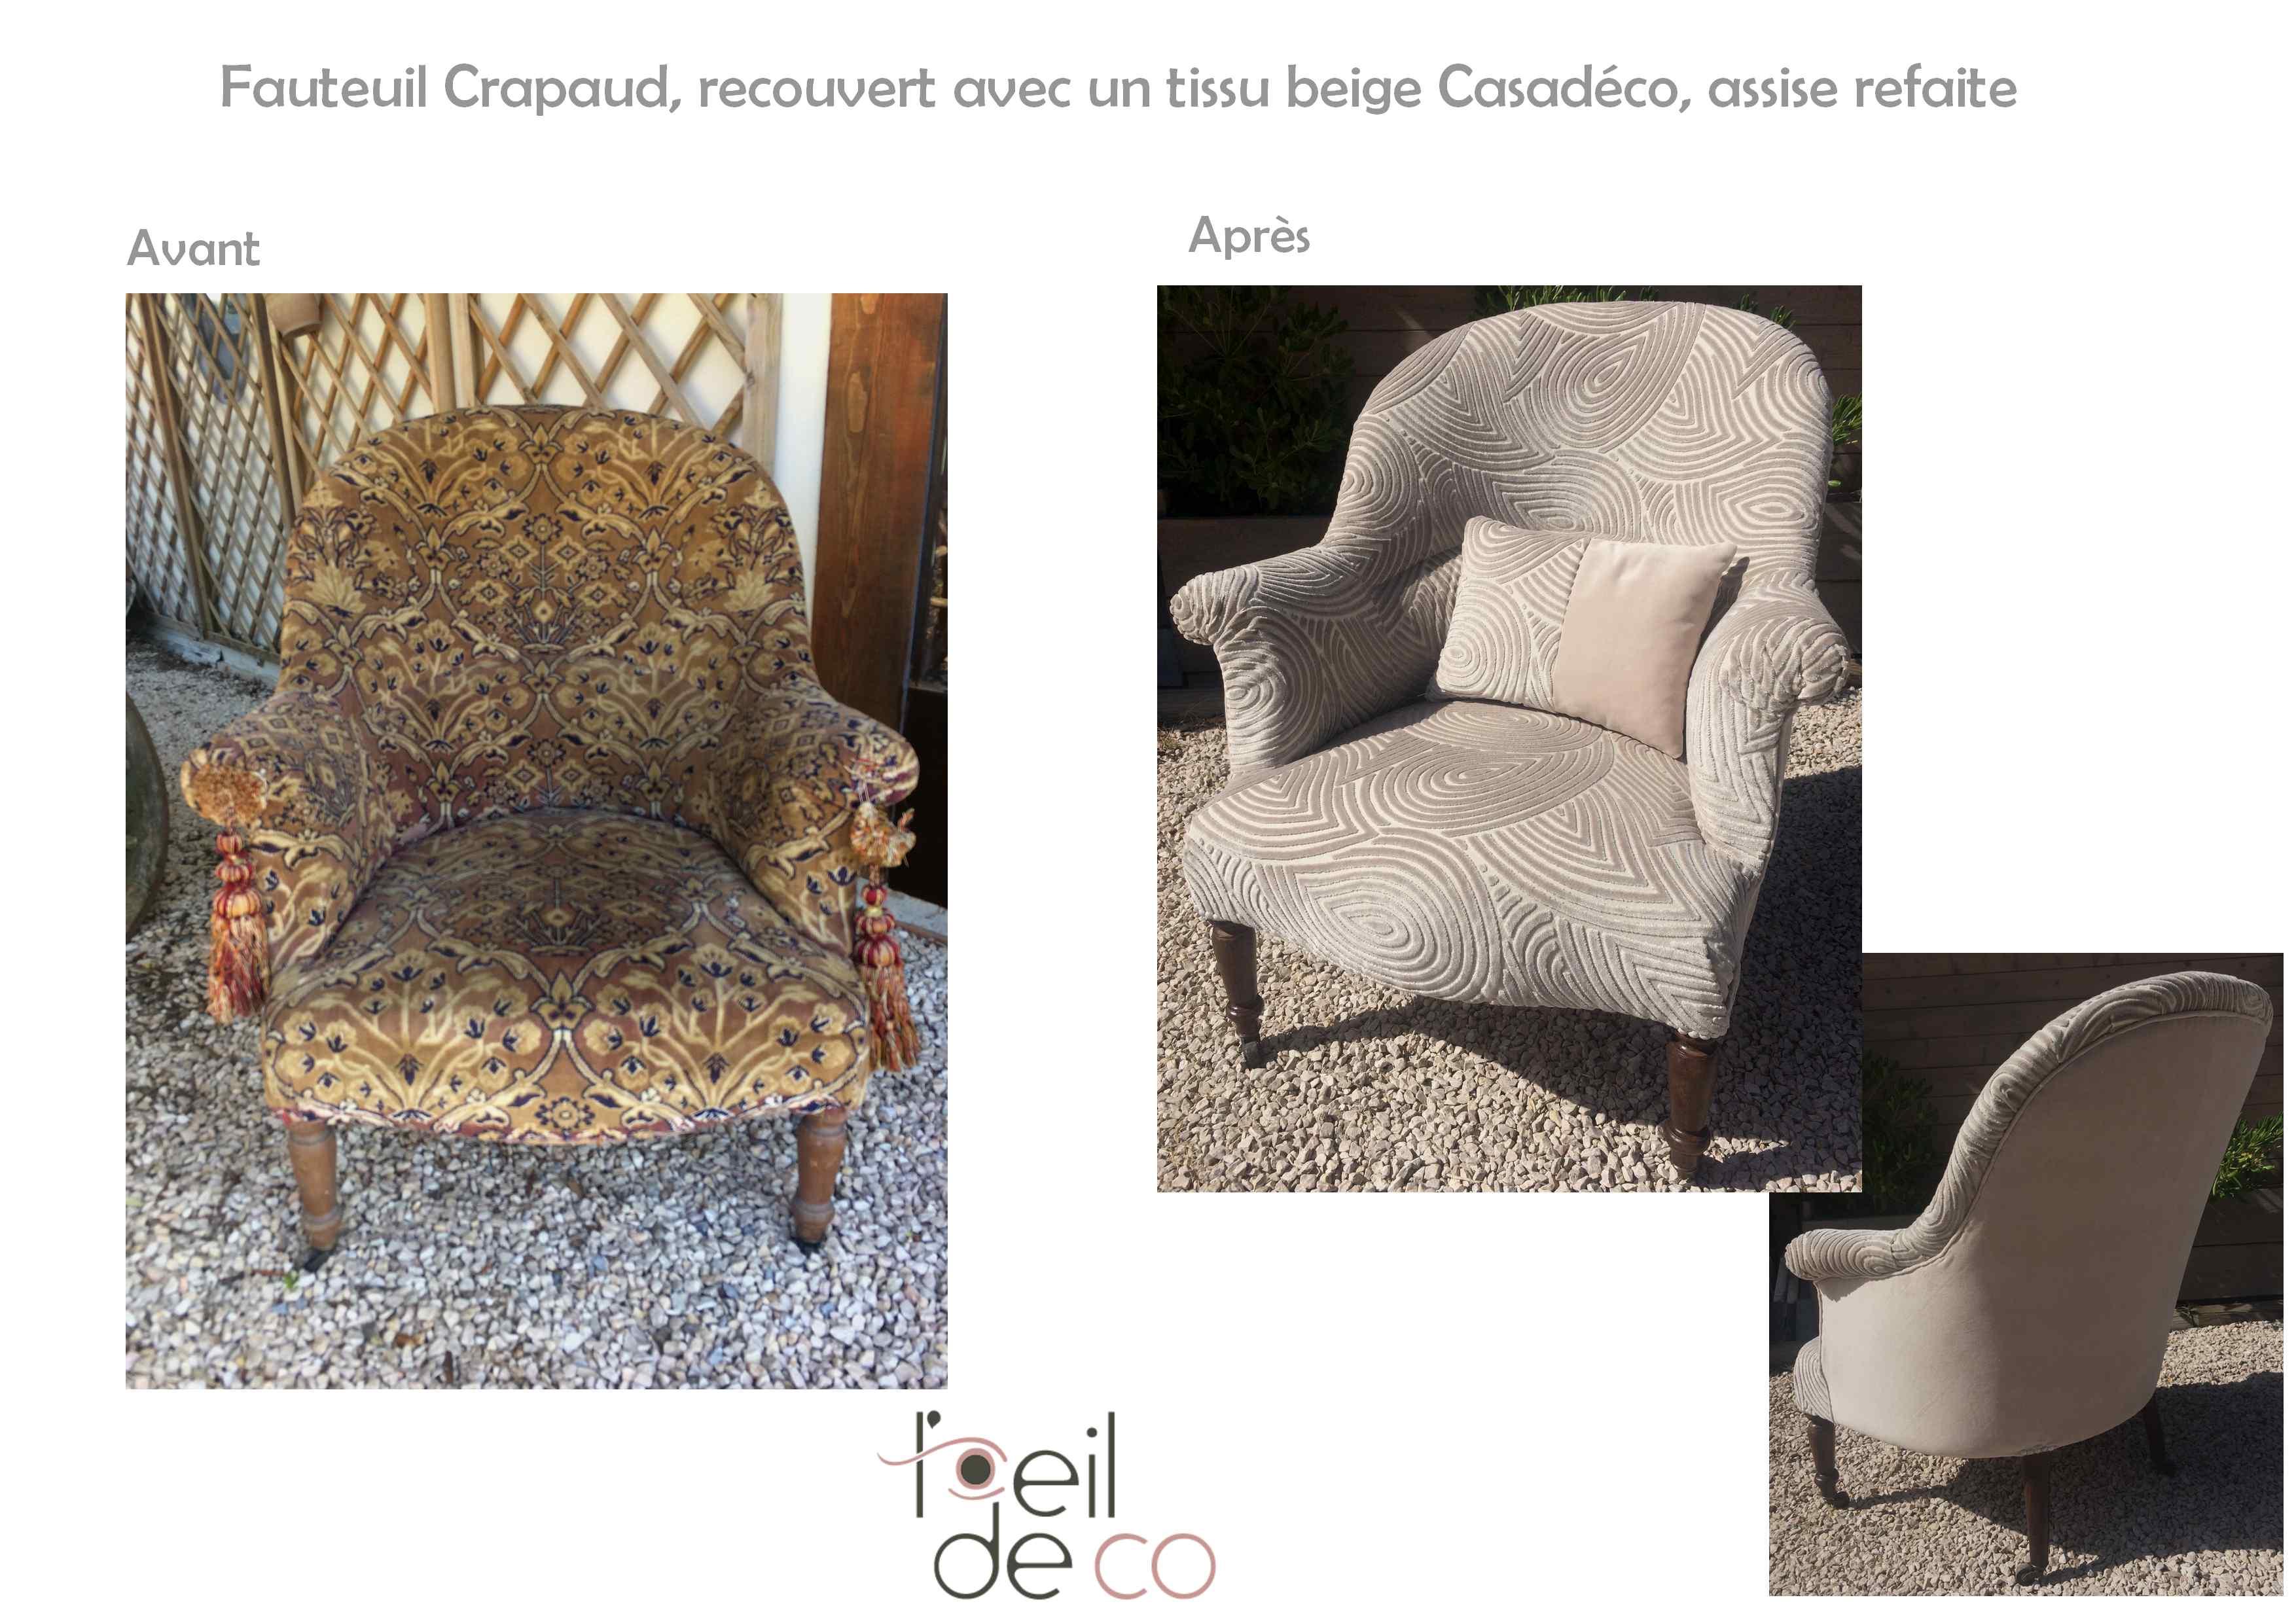 l 39 oeil de co fauteuil crapaud assise refaite et nouveau tissu l 39 oeil de co. Black Bedroom Furniture Sets. Home Design Ideas